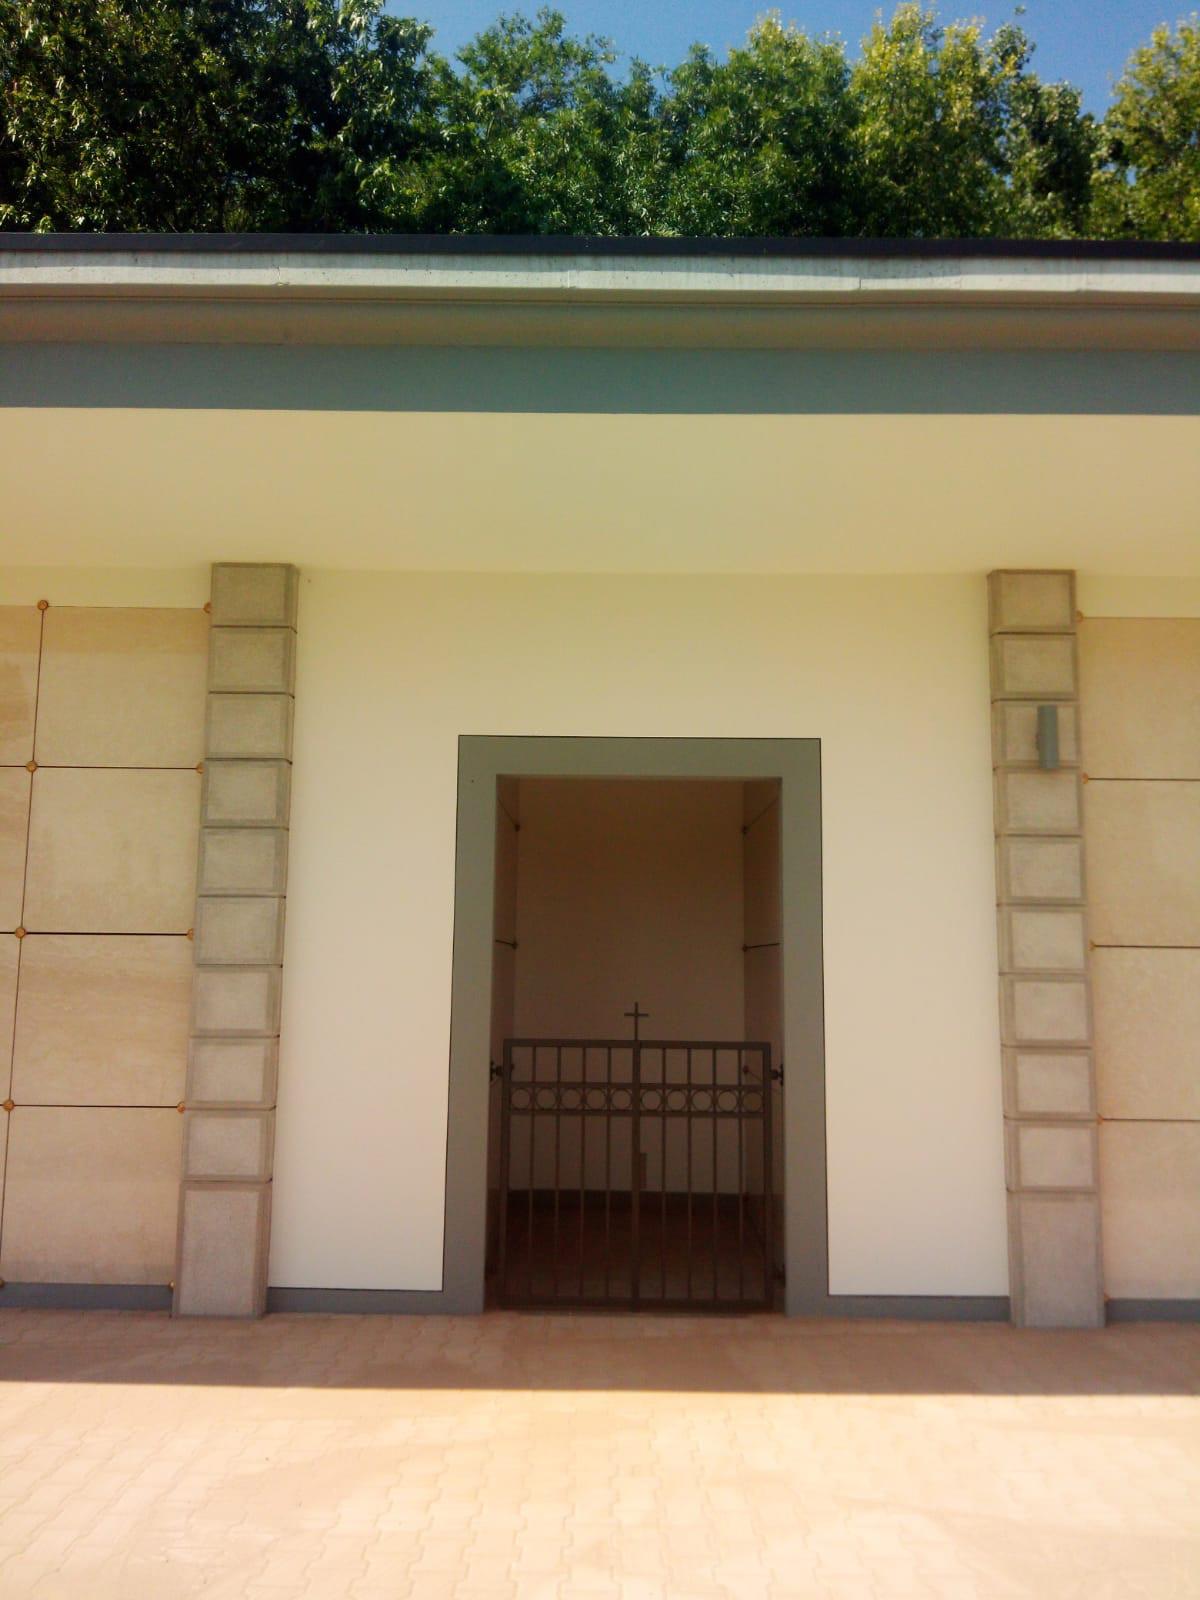 Perico-Renato-Trenzano (BS) - Cimitero comunale - Nuovi loculi 2